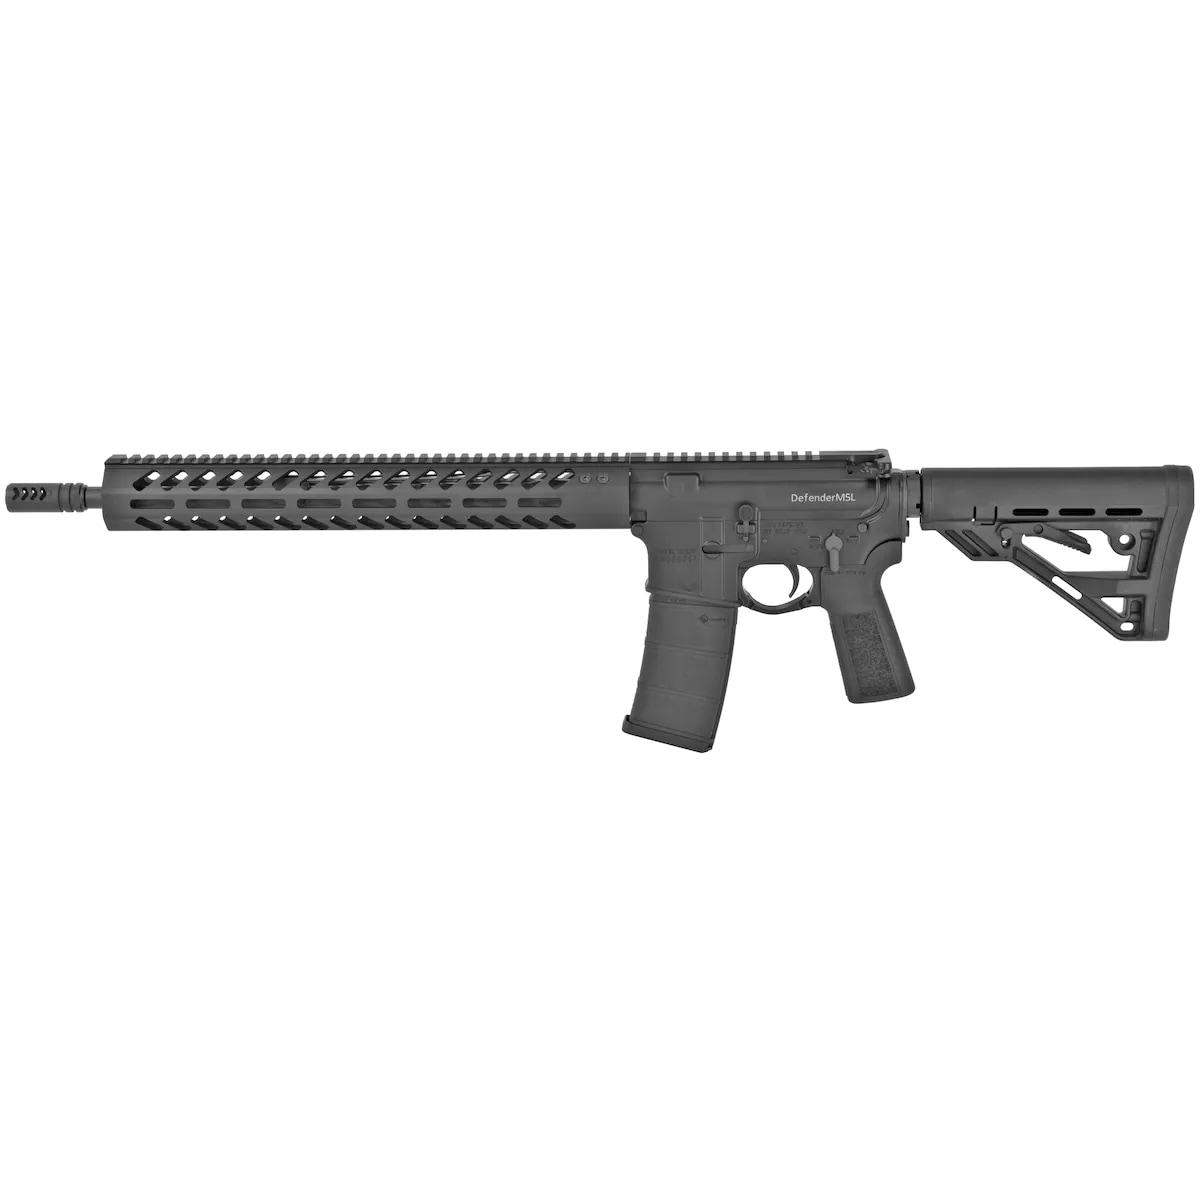 HM DEFENSE DEFENDER M5L RIFLE- HM15F-MB-556-L